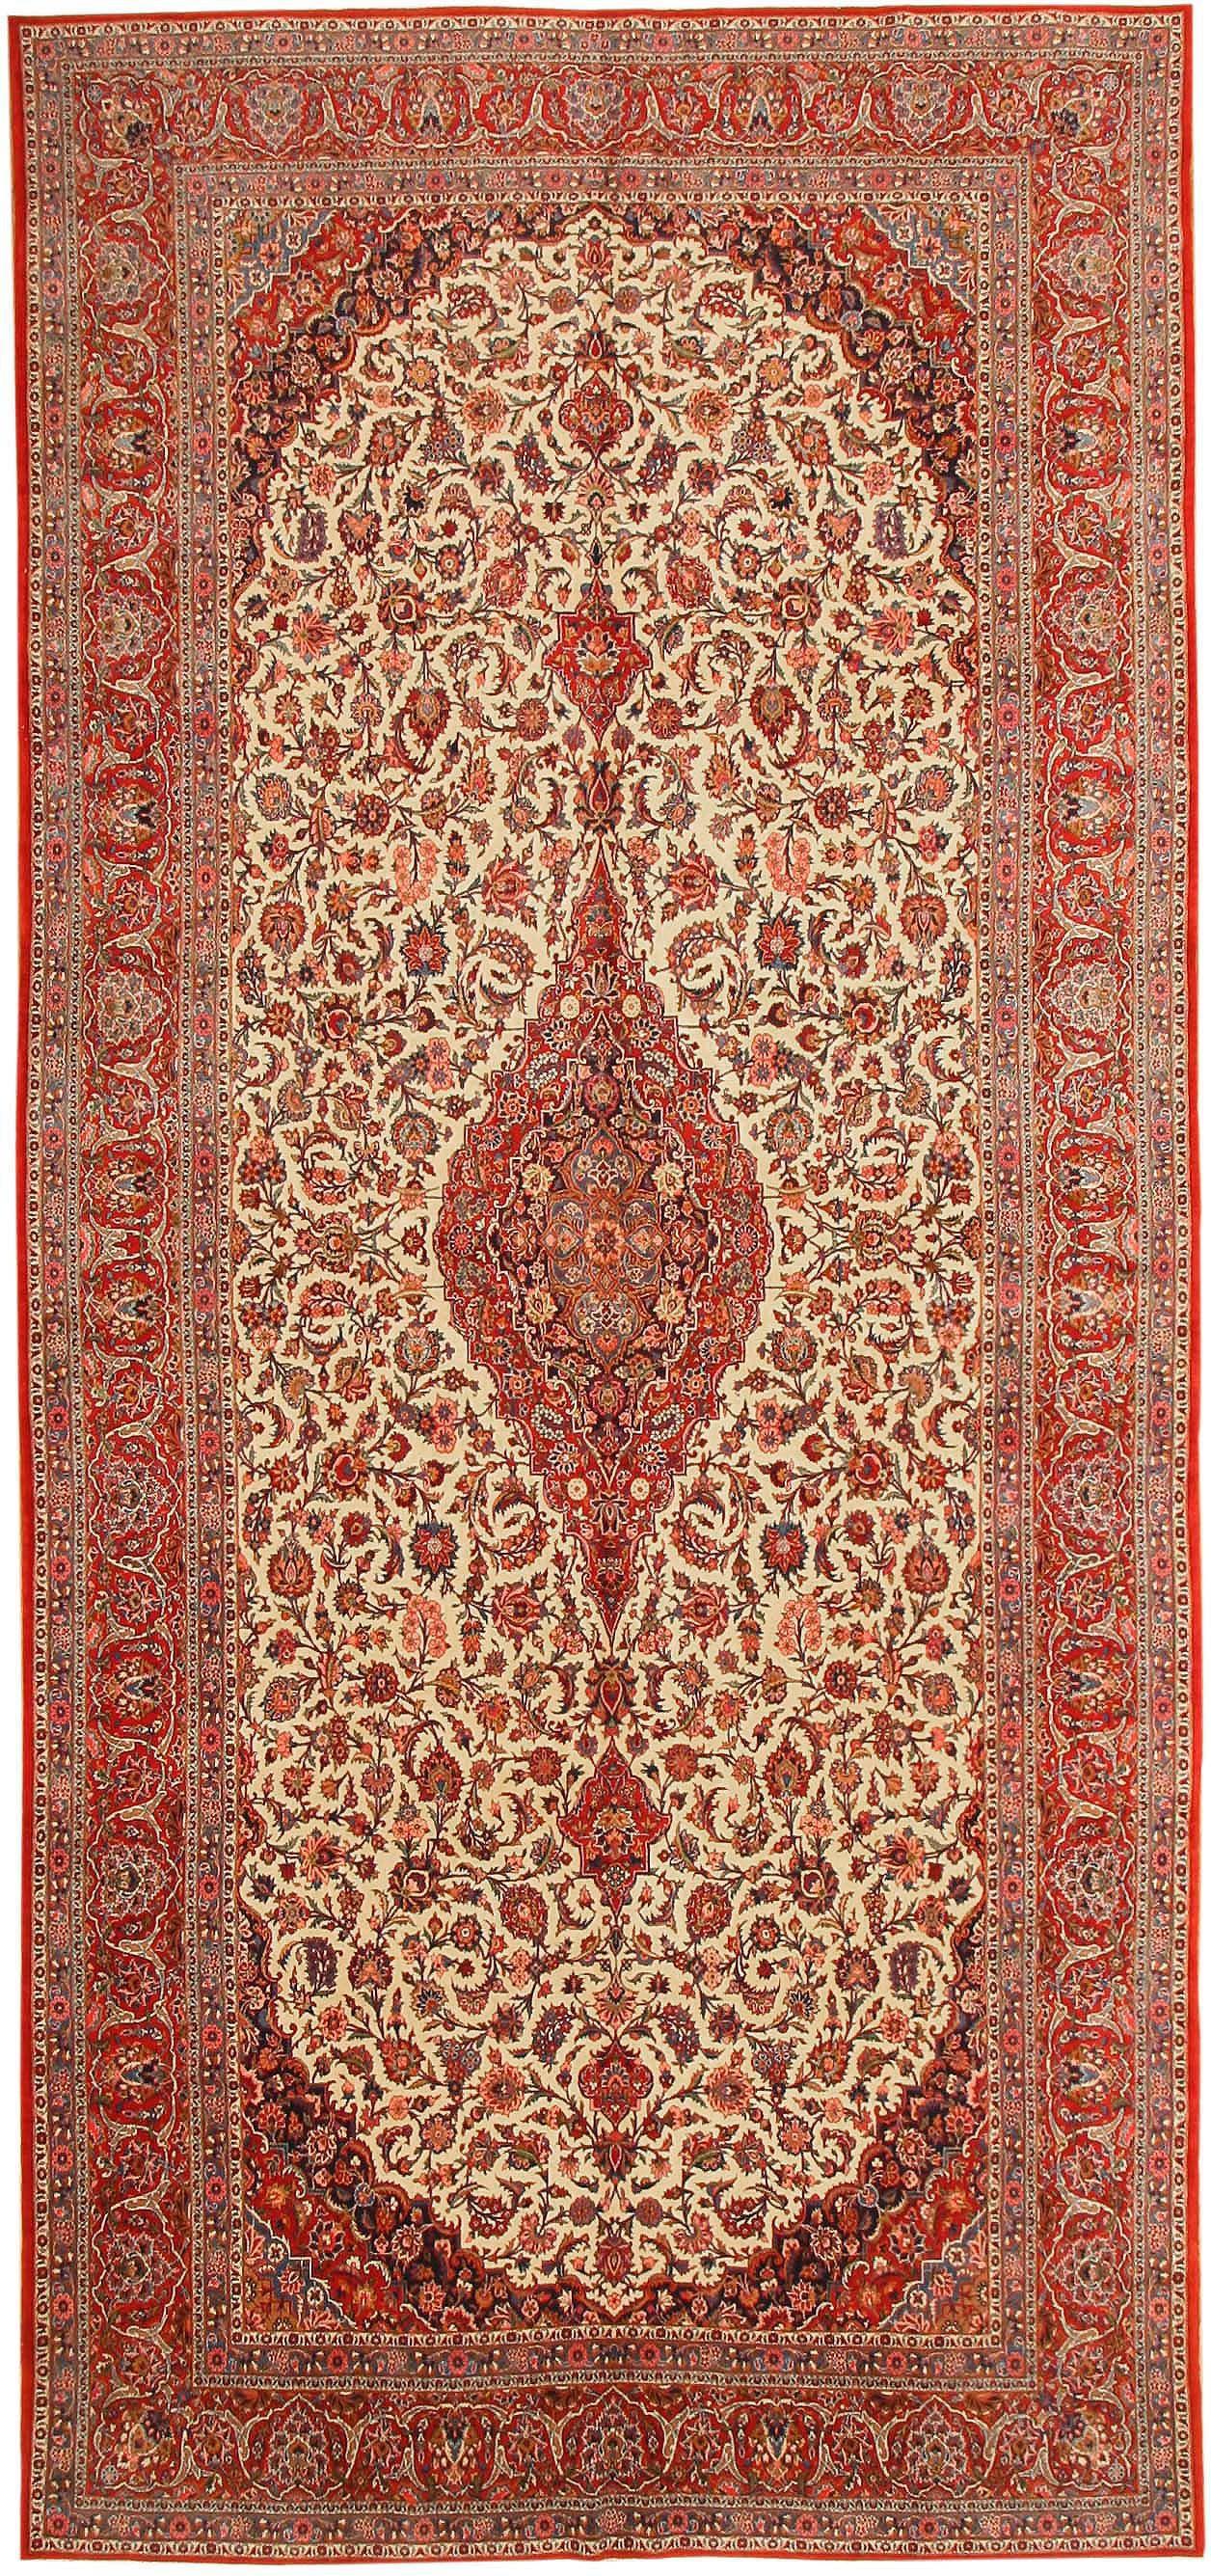 Antique Kashan Persian Rug 43580 Detail/Large View